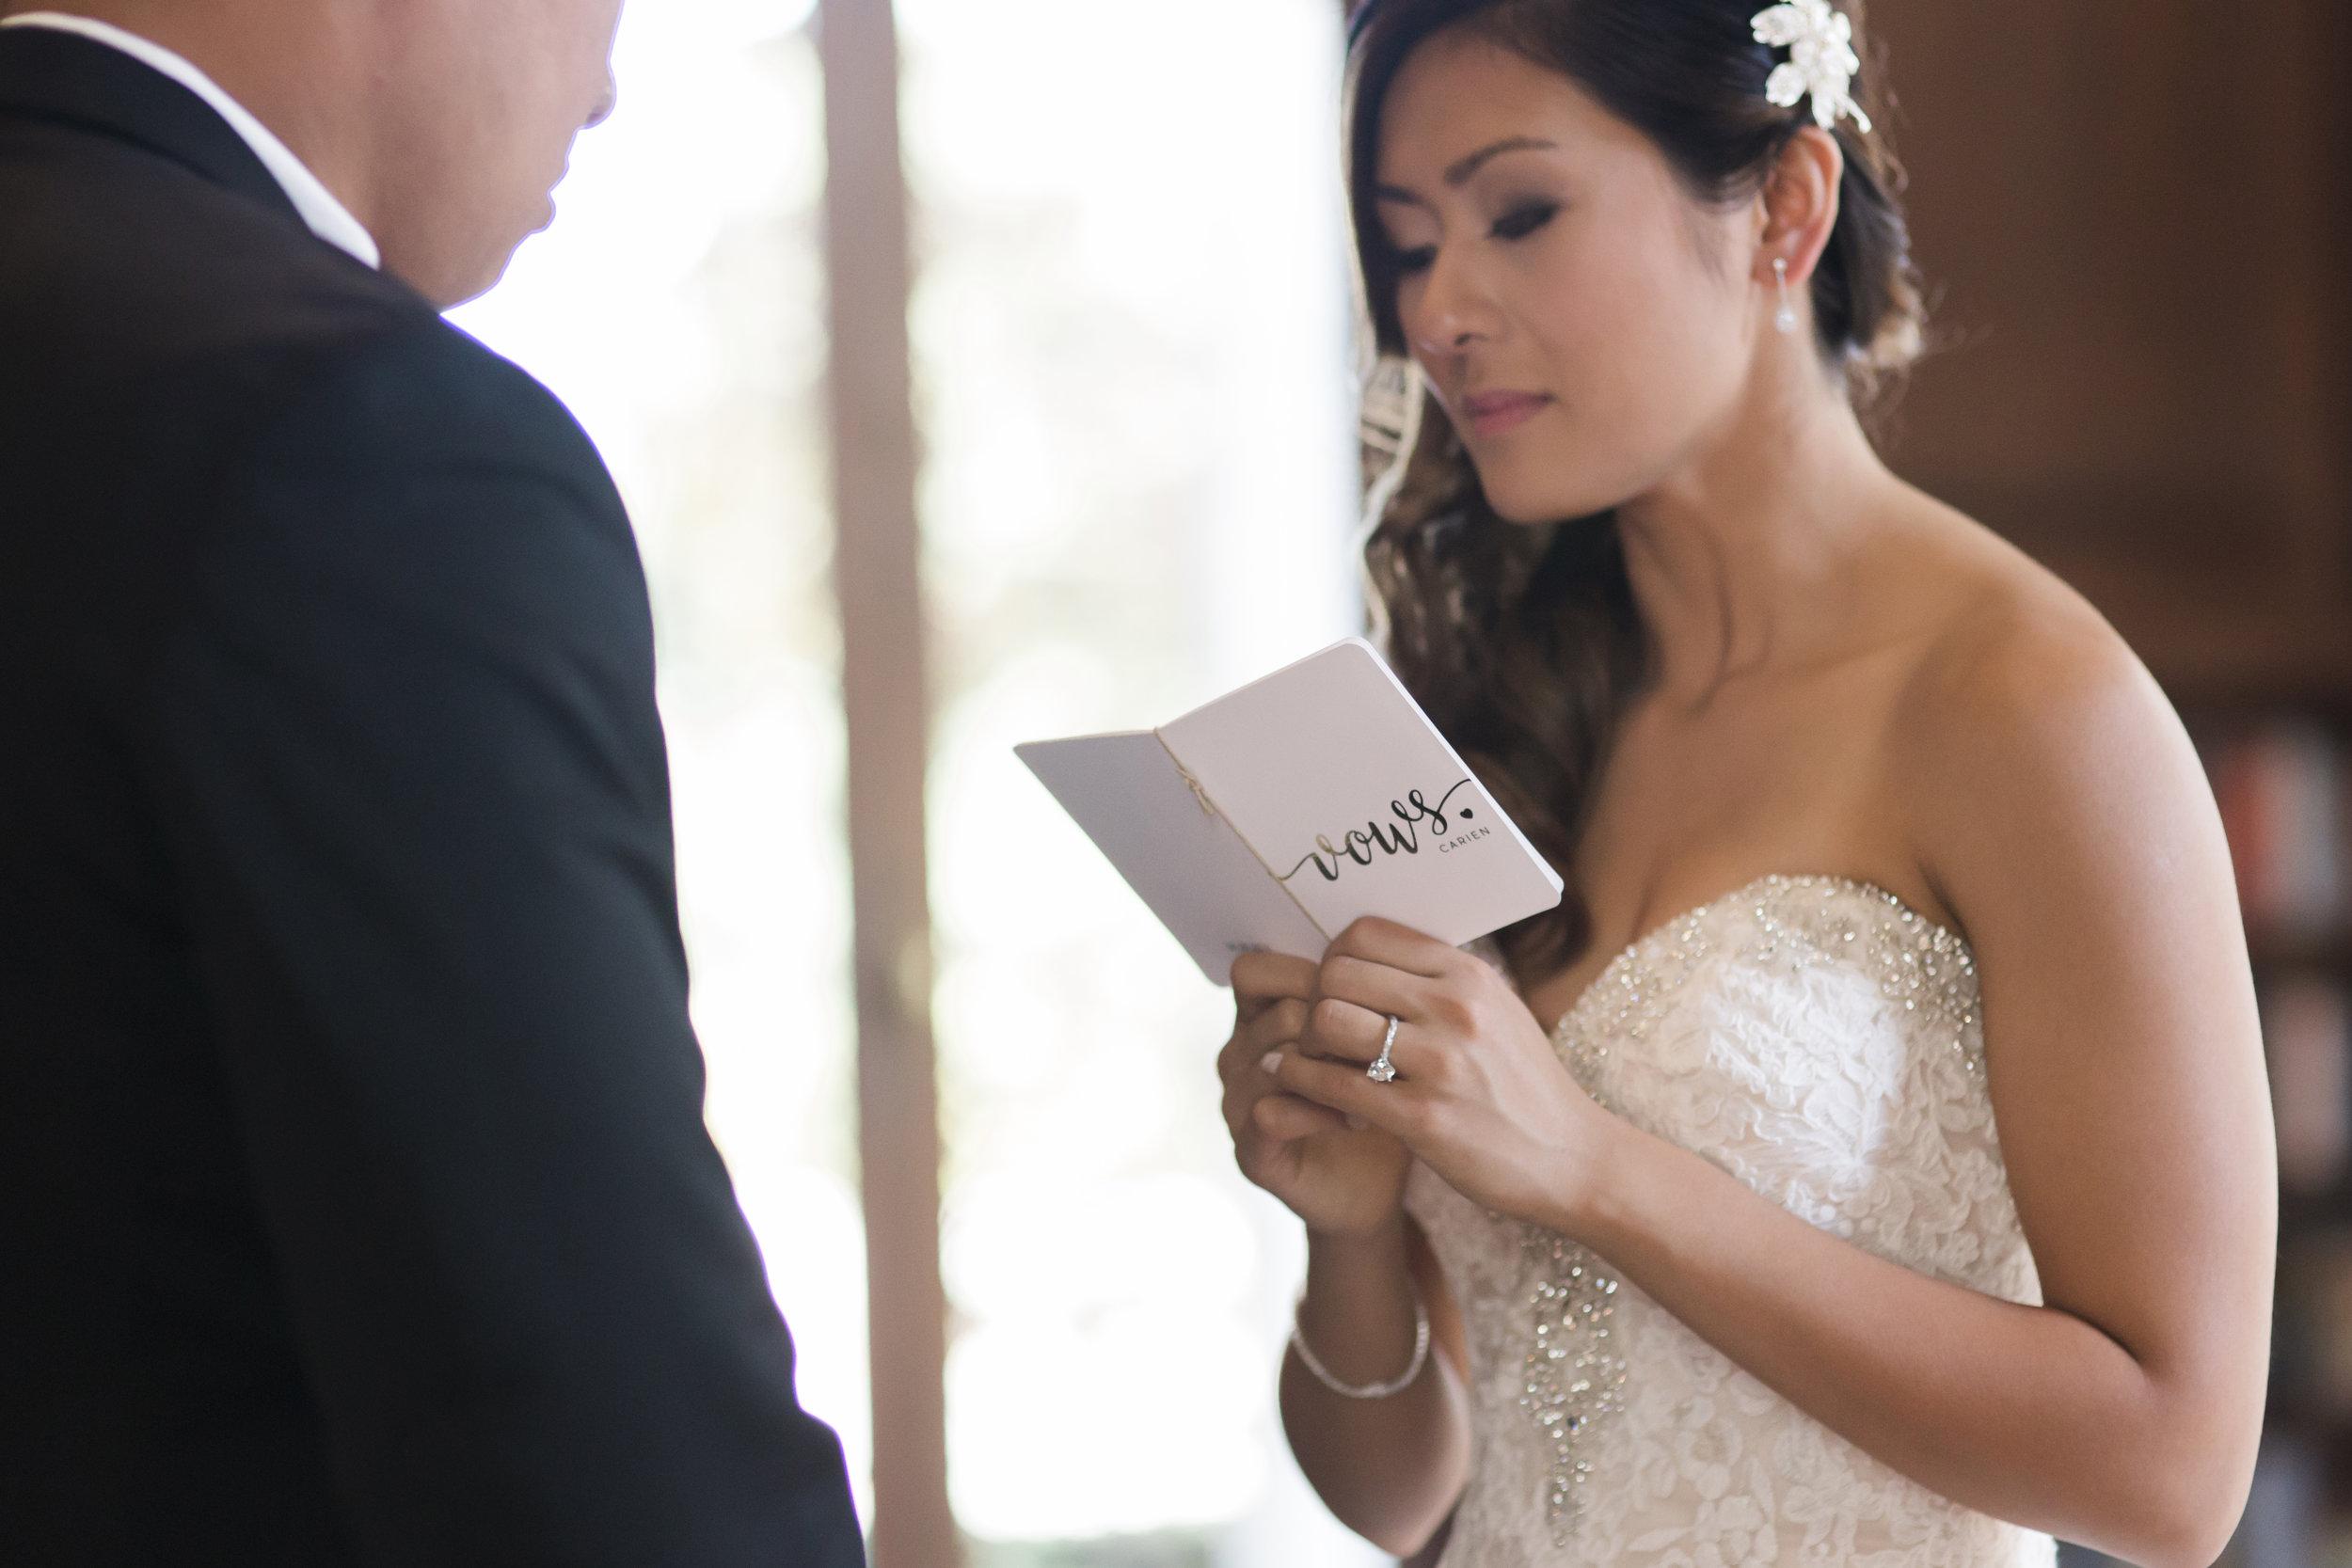 carien-will-wedding-176-(ZF-2465-09696-1-008).jpg